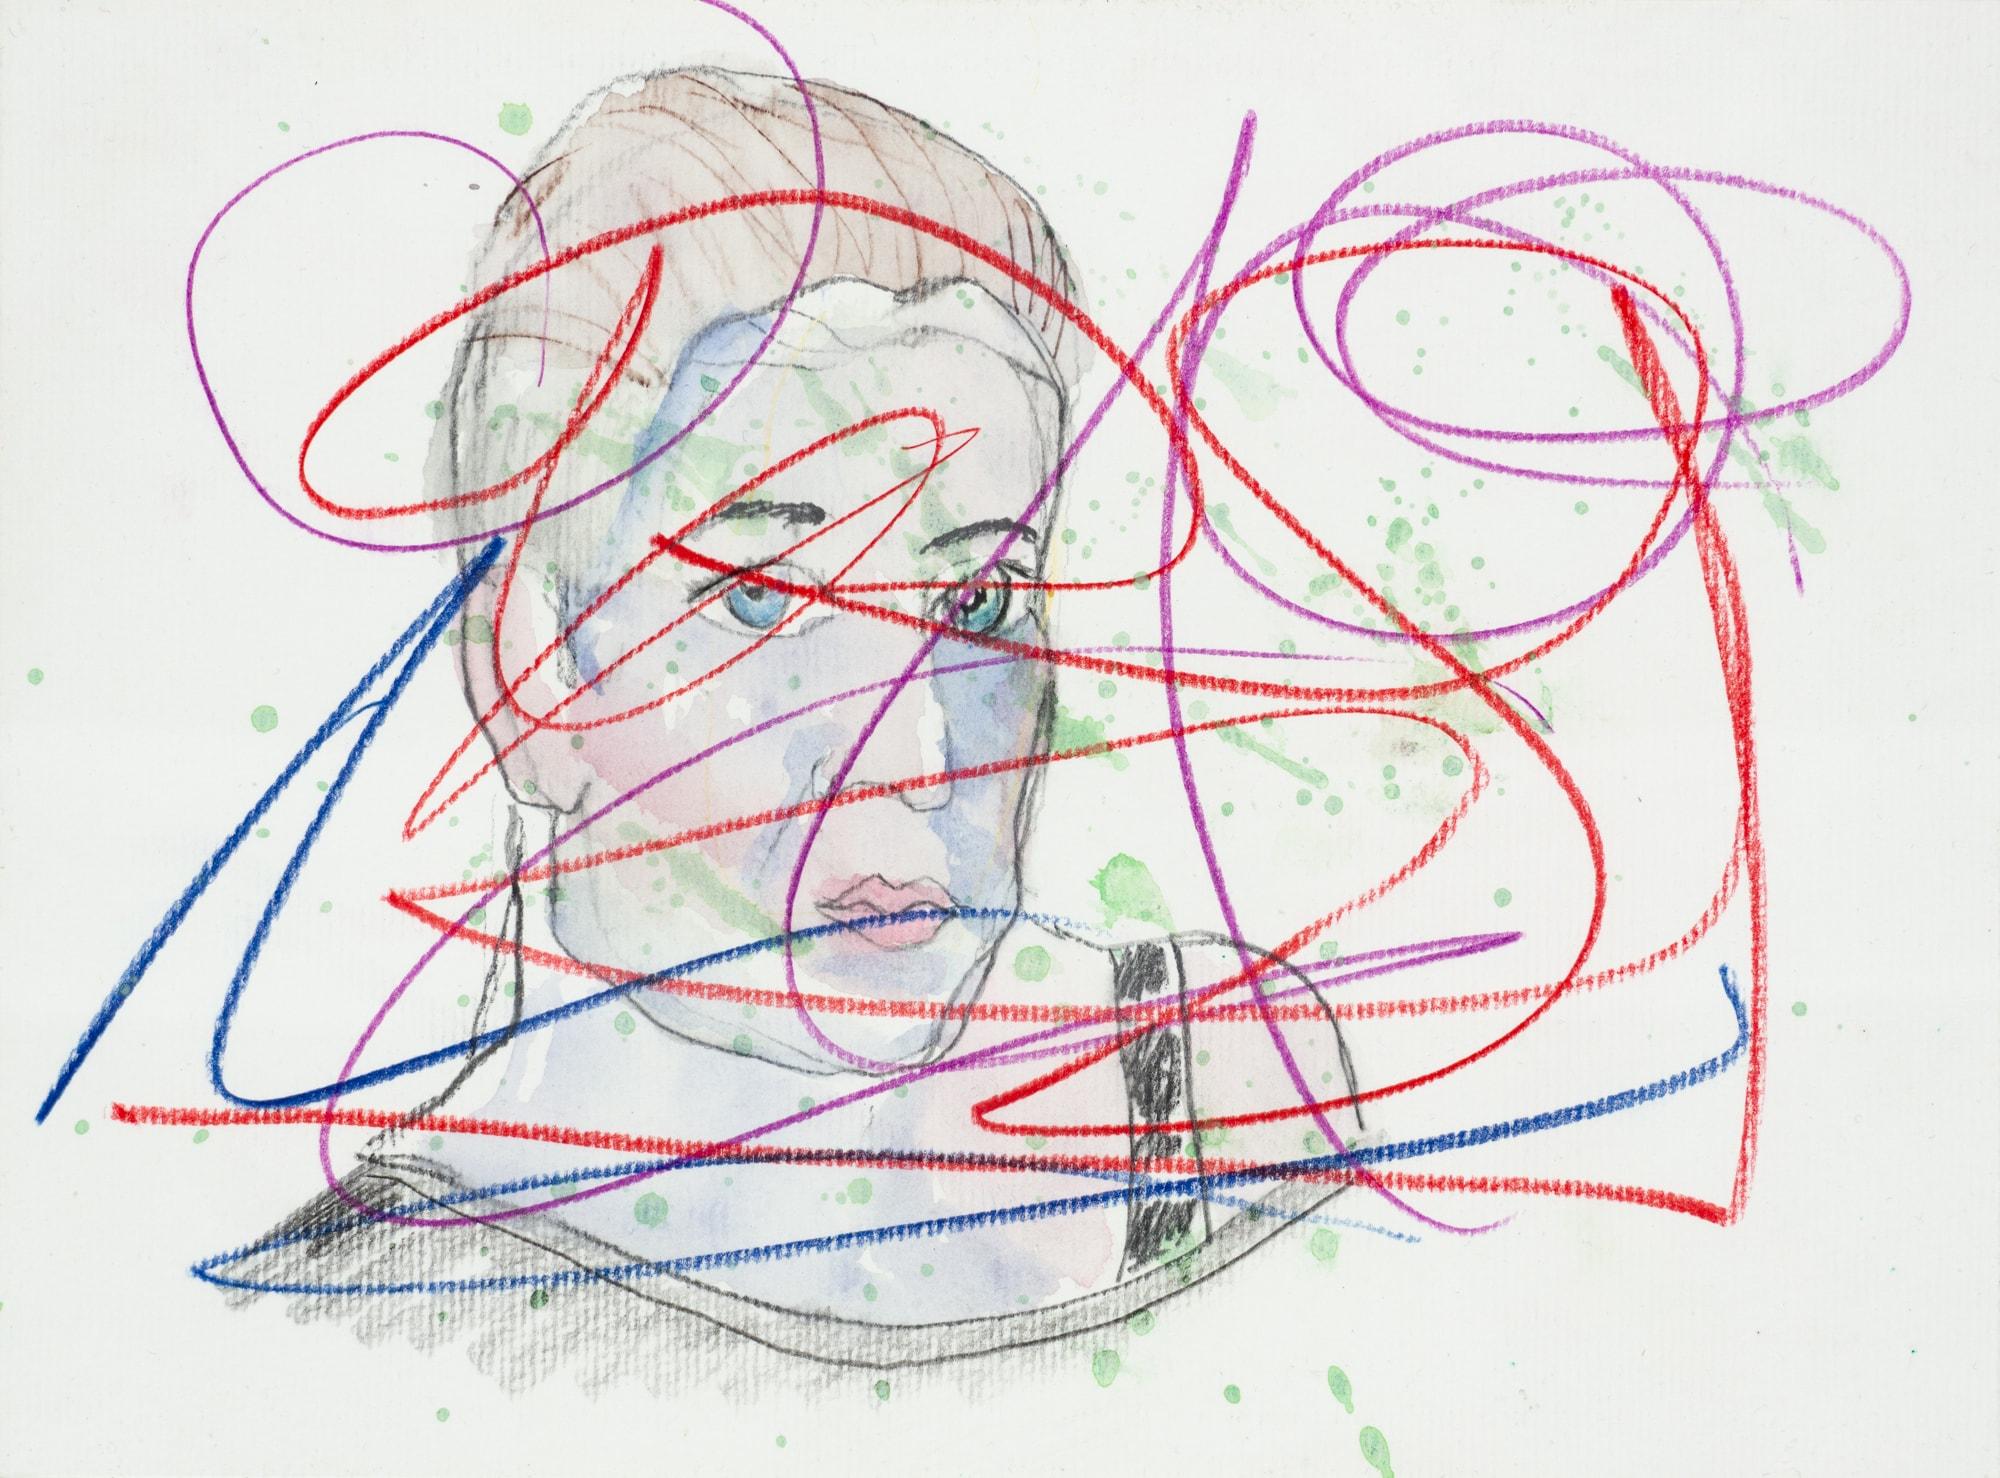 Zeichnung, Aquarell und Farbstift auf Papier, 28,2x20,9cm, Portrait, Künstlerin: Franziska King